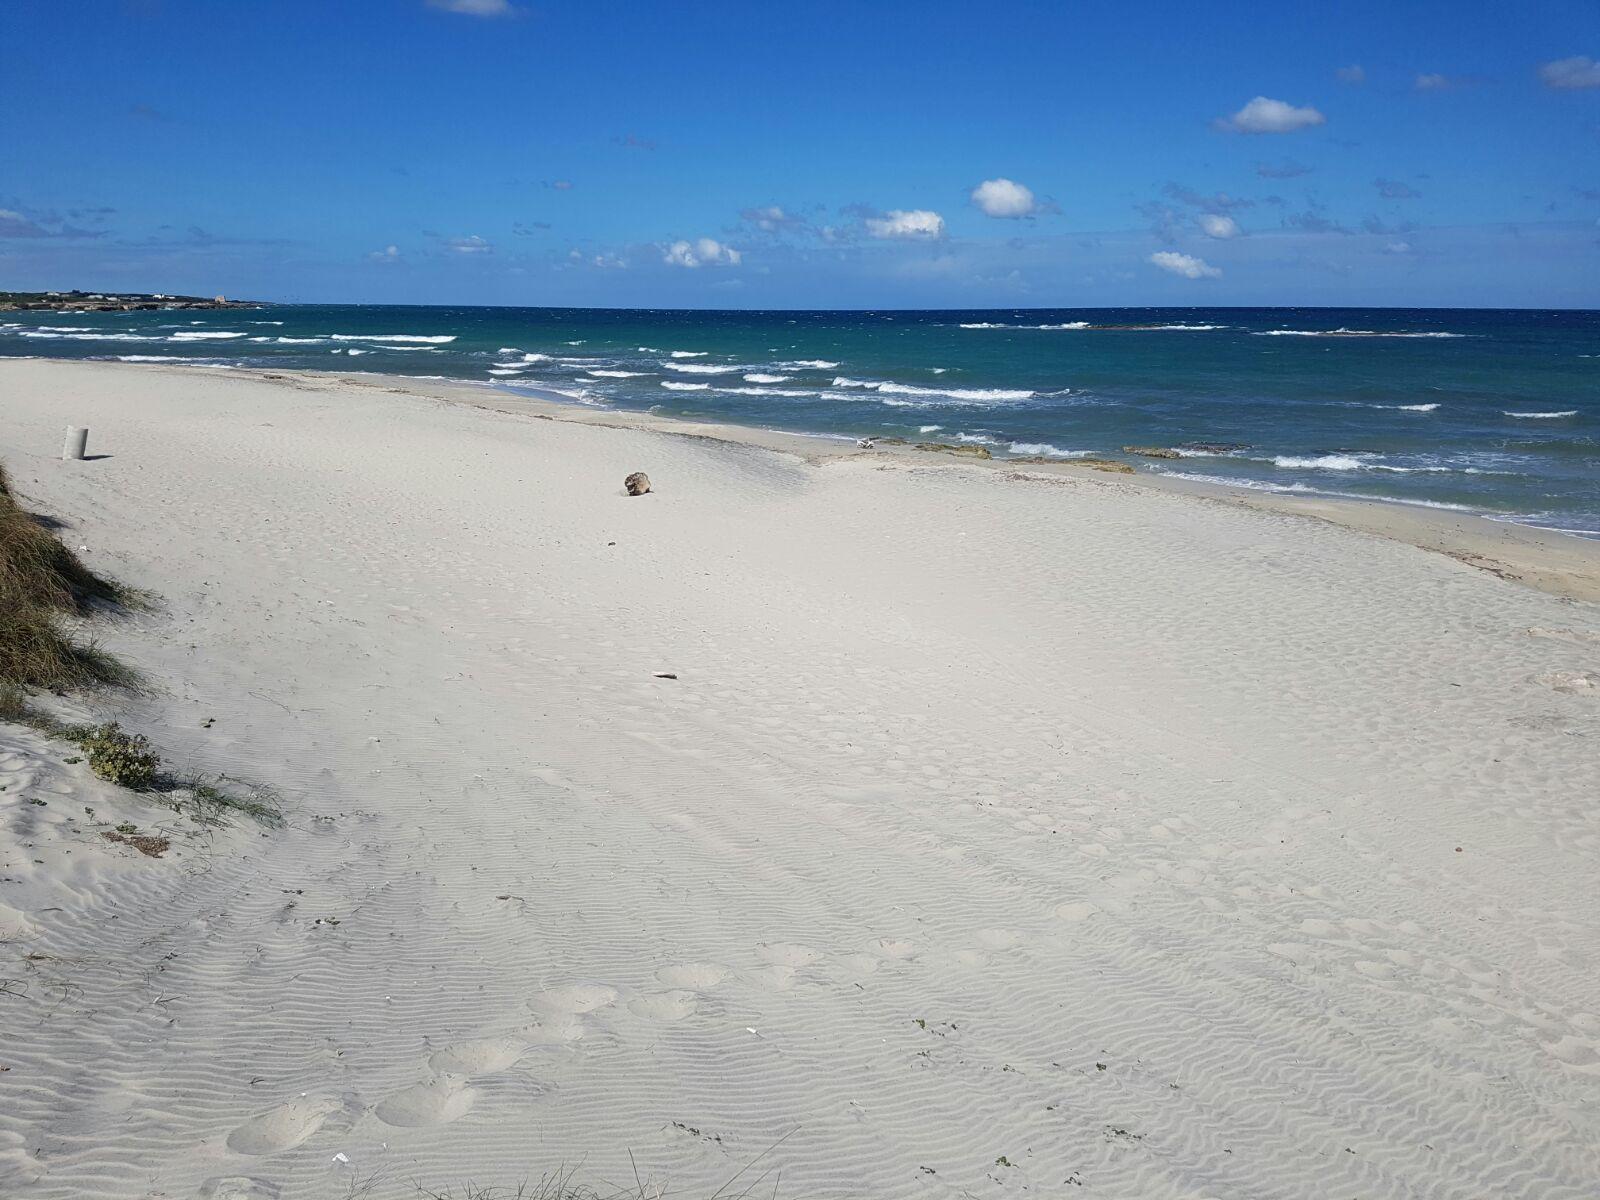 tap-spiaggia-dopo-smontaggio-cantiere-1.jpg